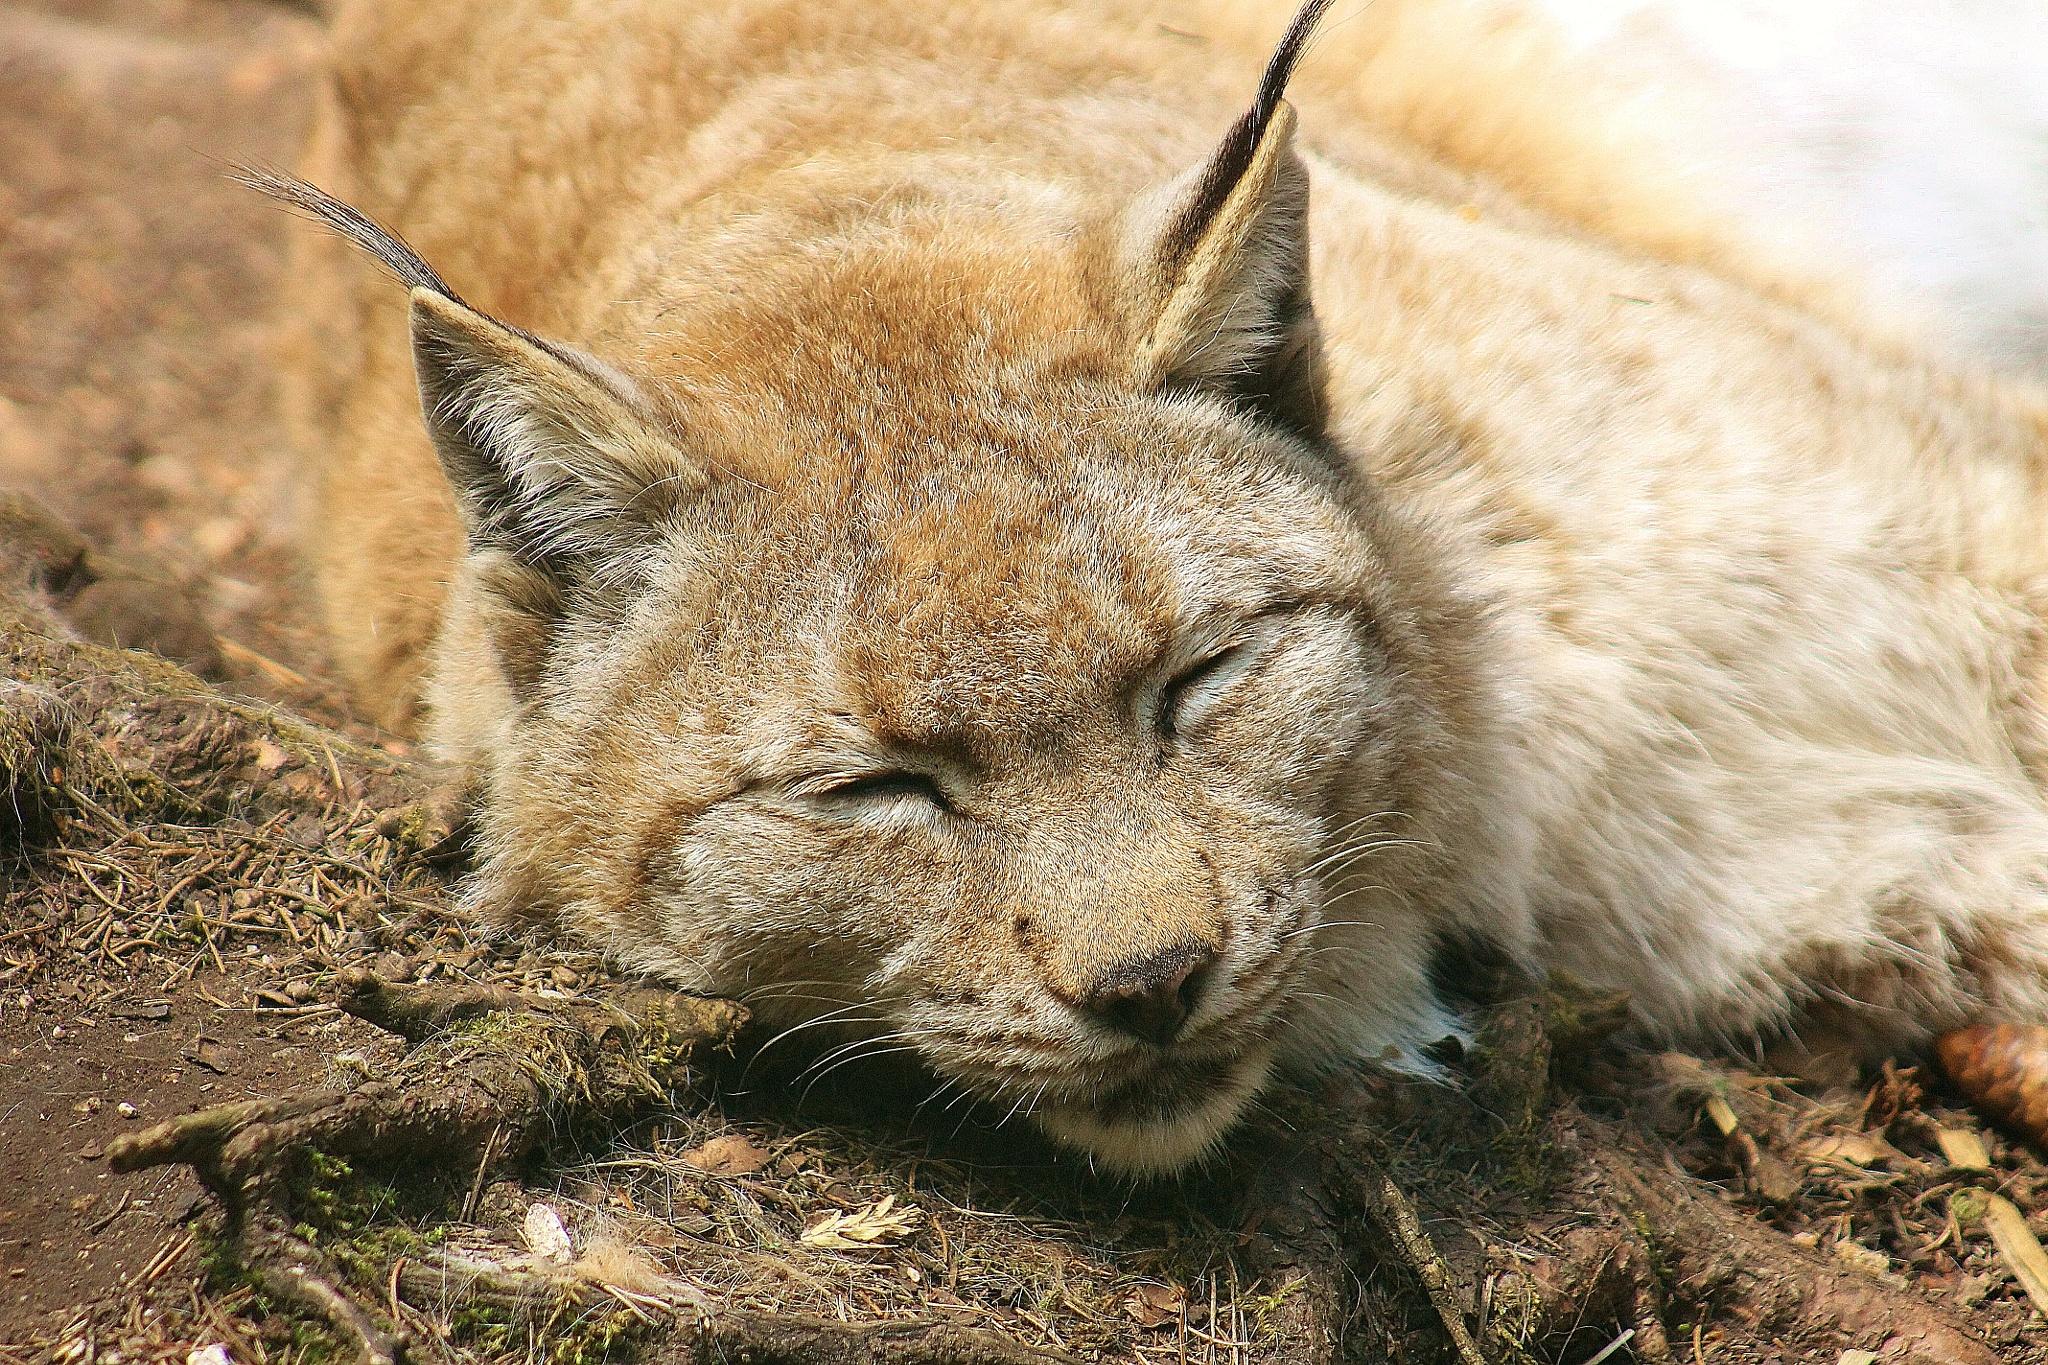 Llince europea o lince eurasiatica (Lynx lynx) by meiferdinando